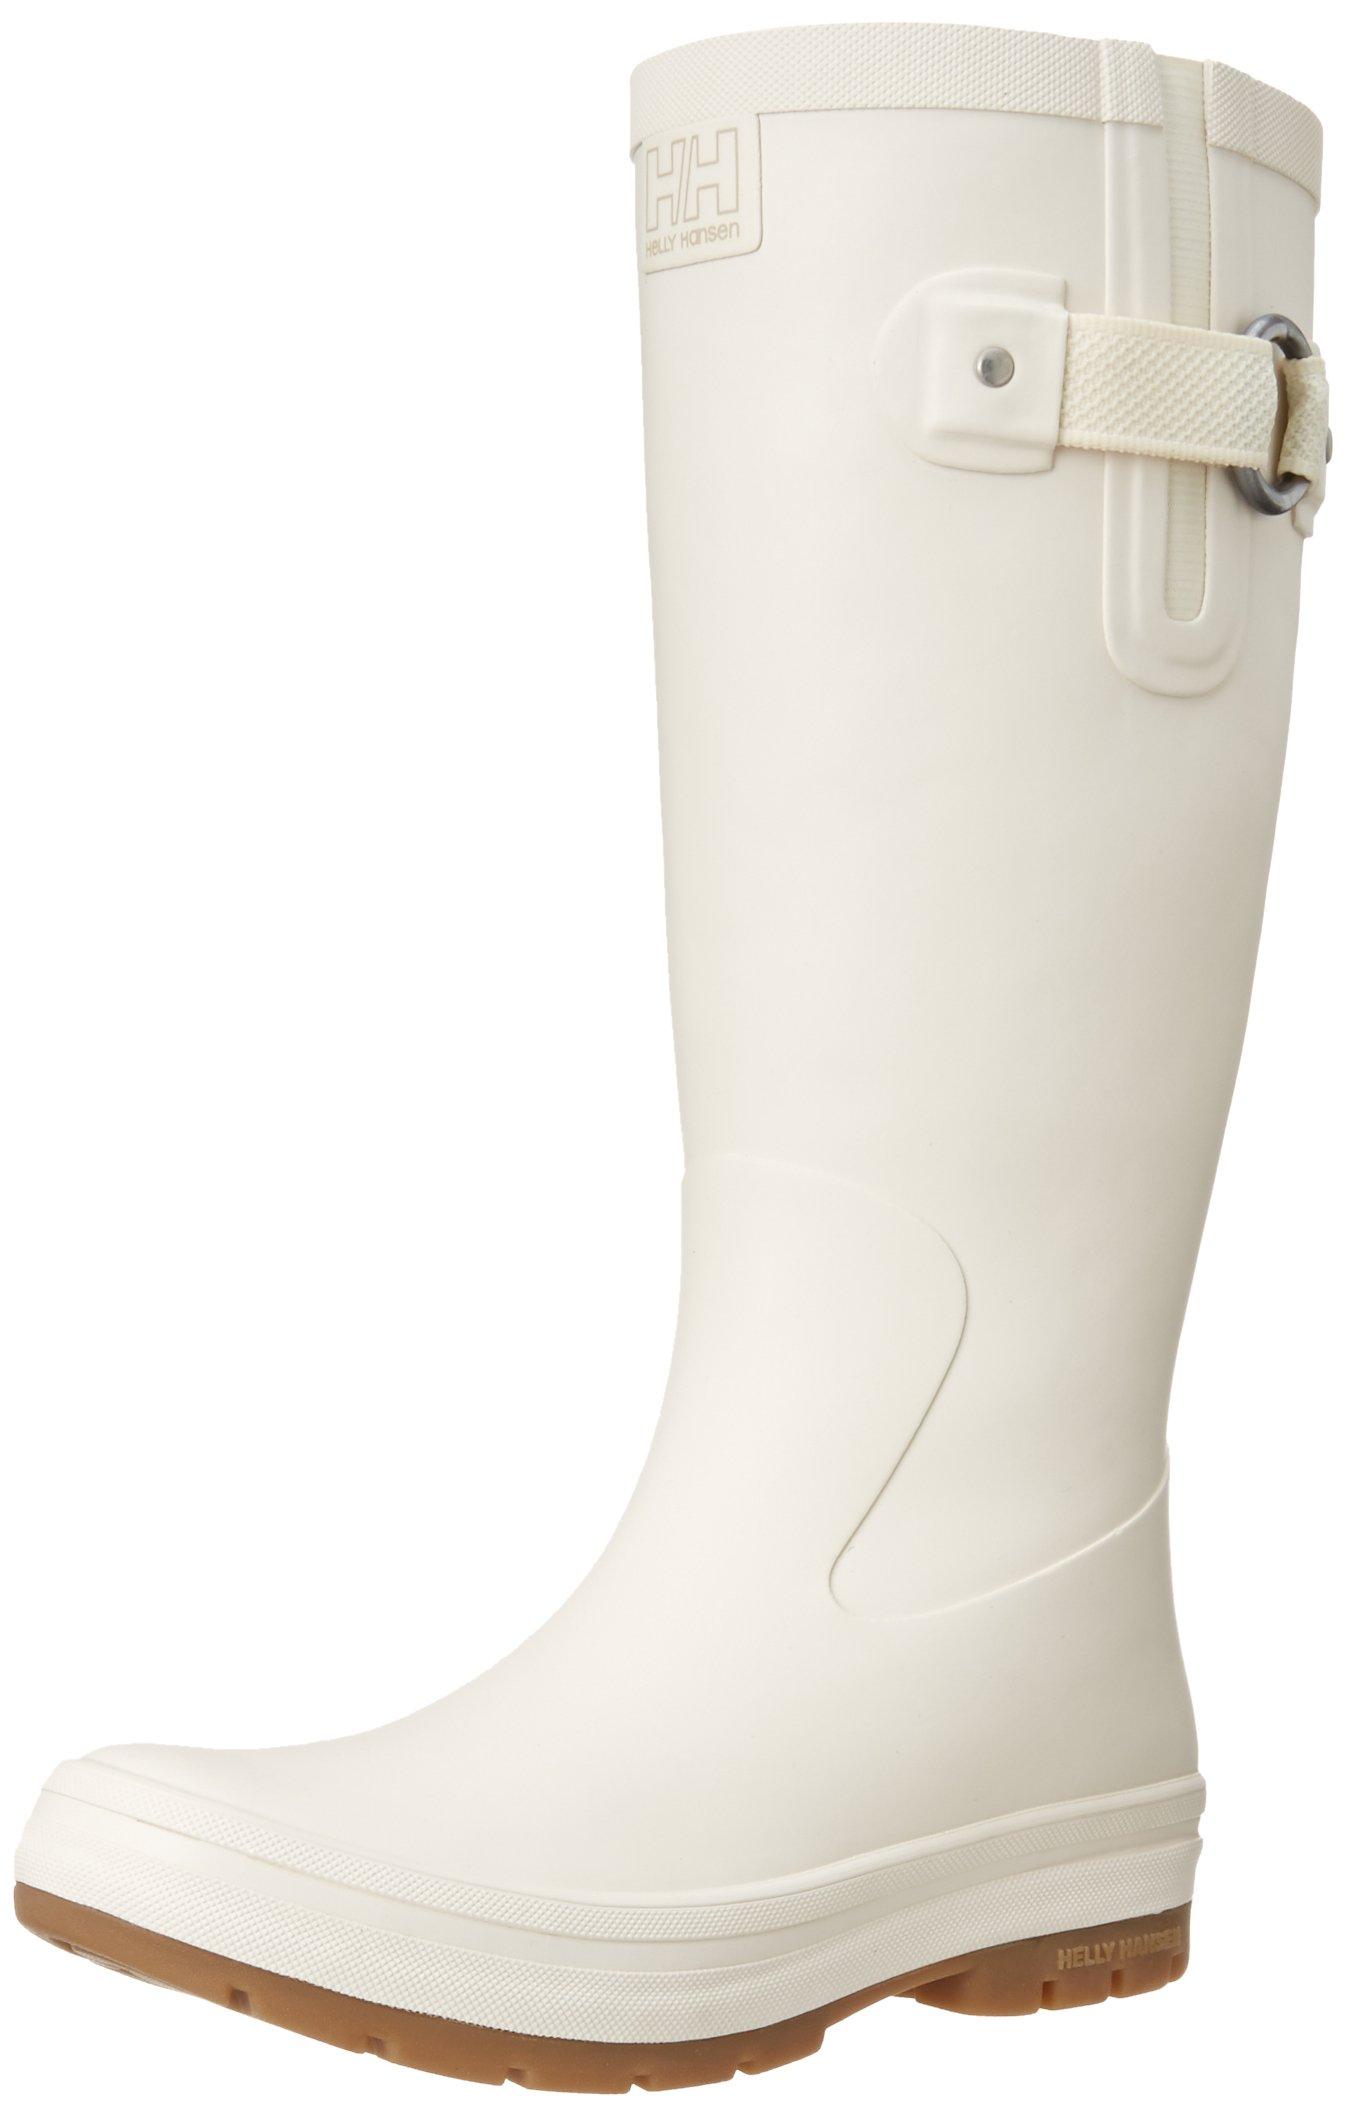 Helly Hansen Women's Veierland Rain Boot, Off White/Khaki/Light Gum, 8 M US